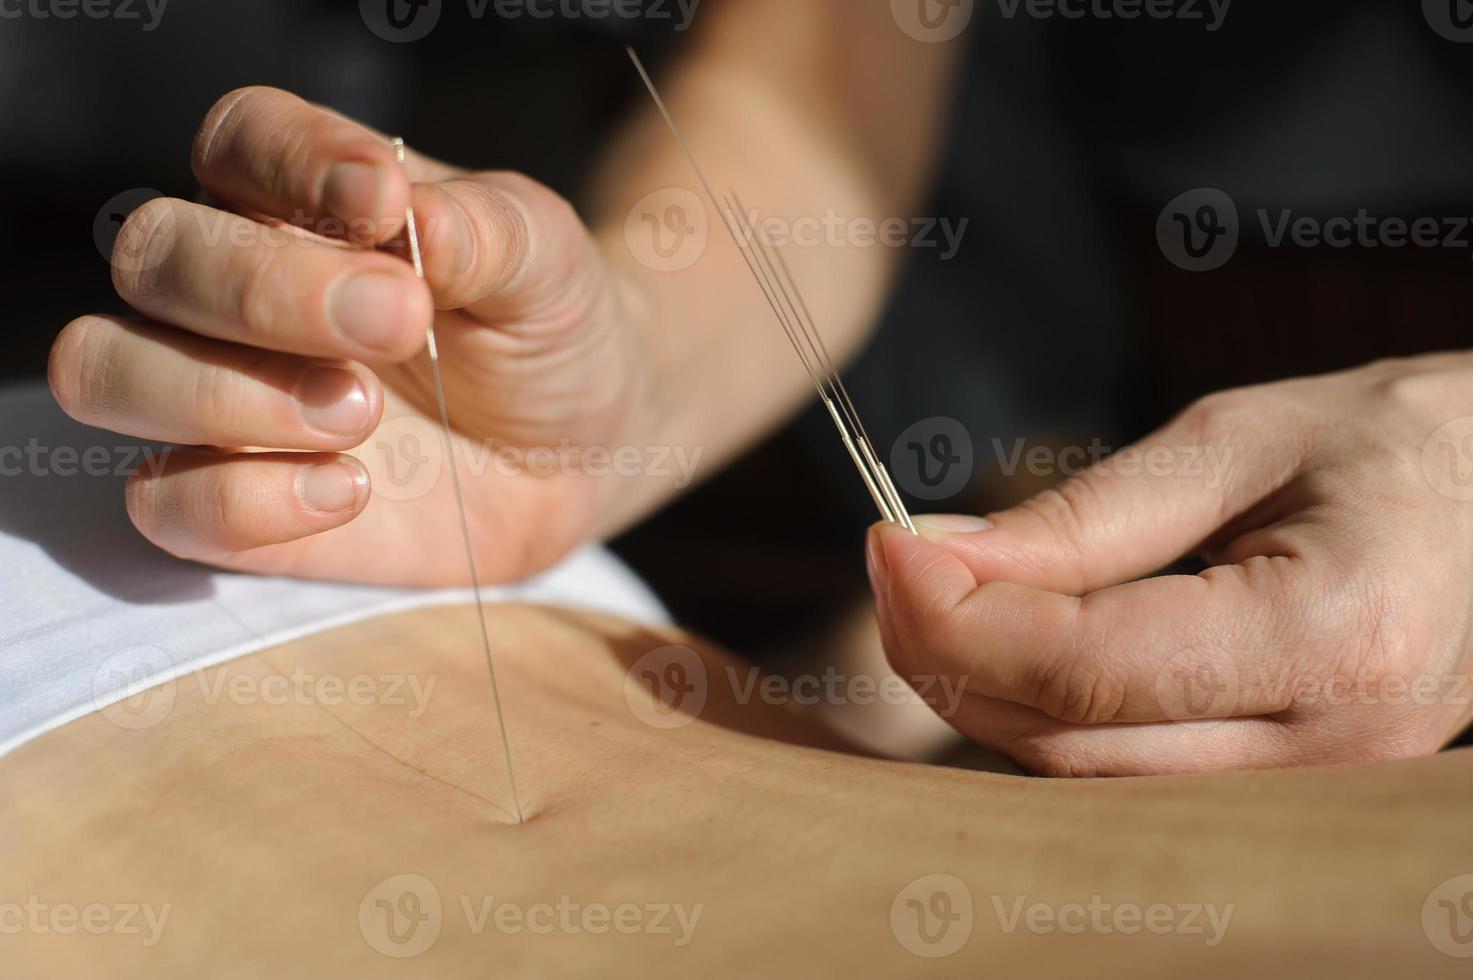 acupuncture.ch traitement de médecine chinoise photo